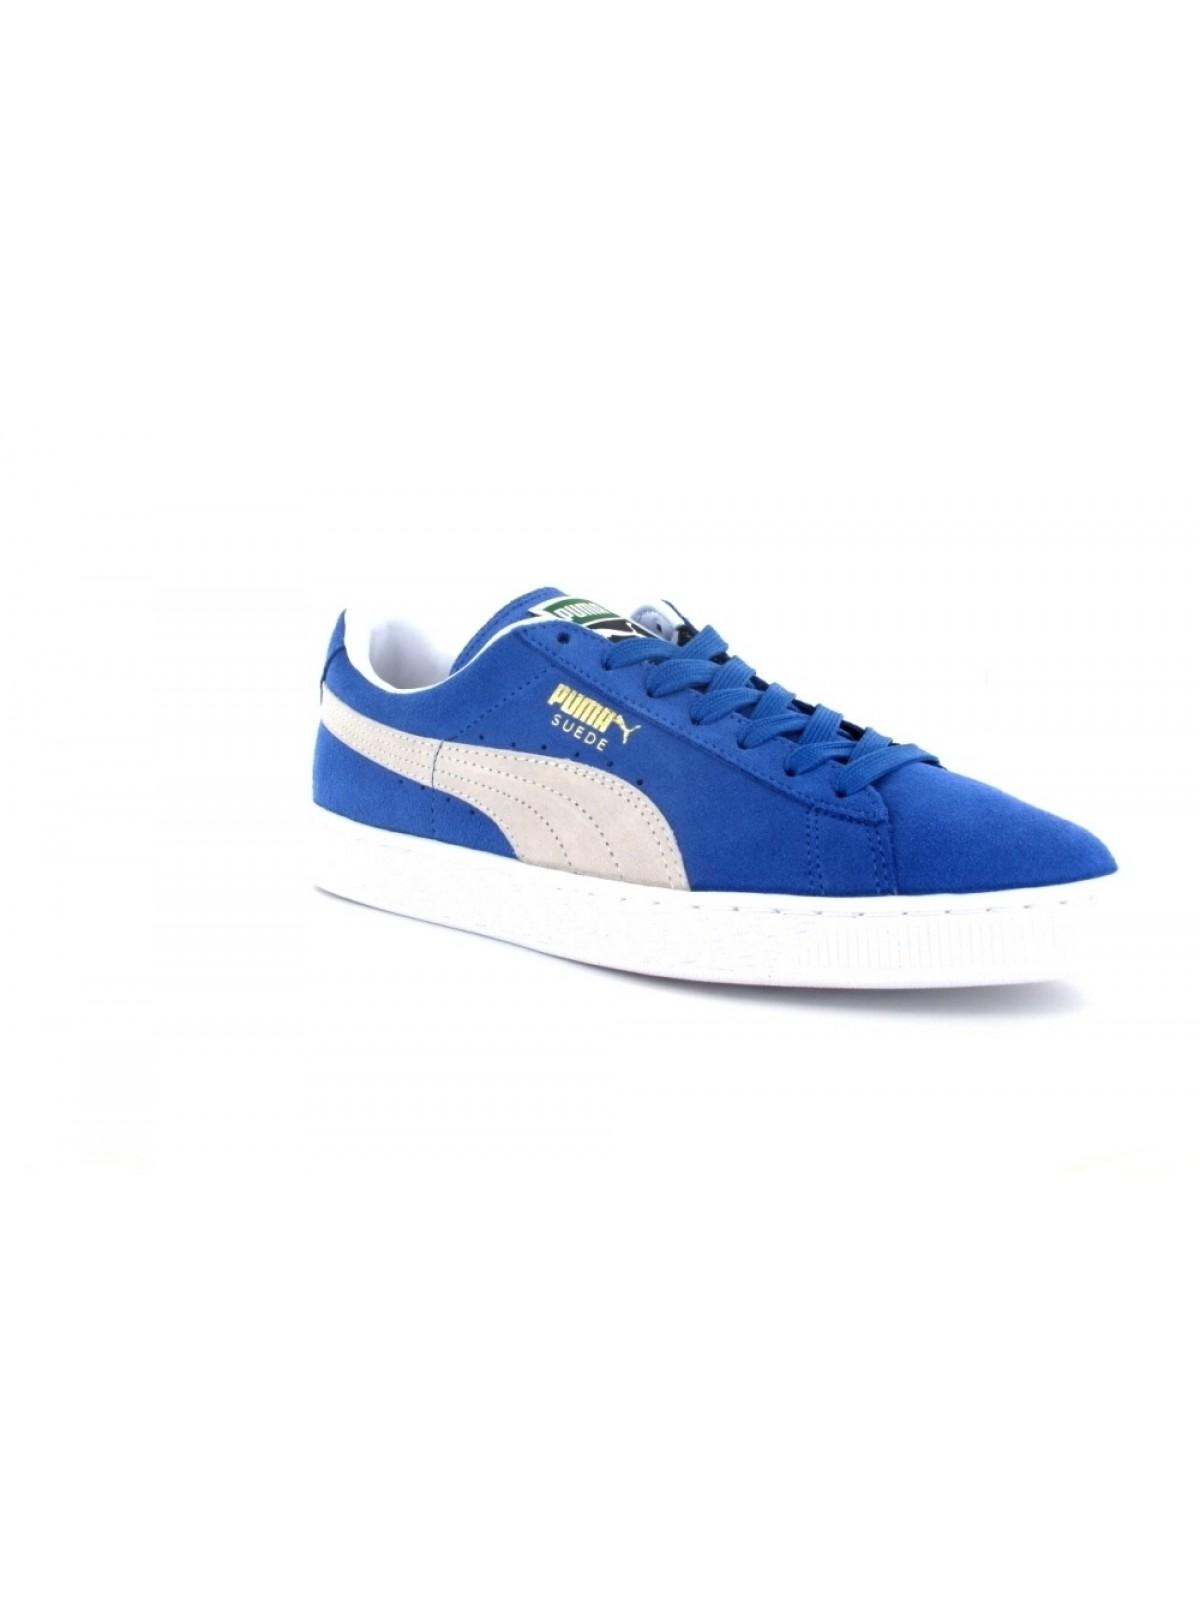 Puma suède classic bleu olympian